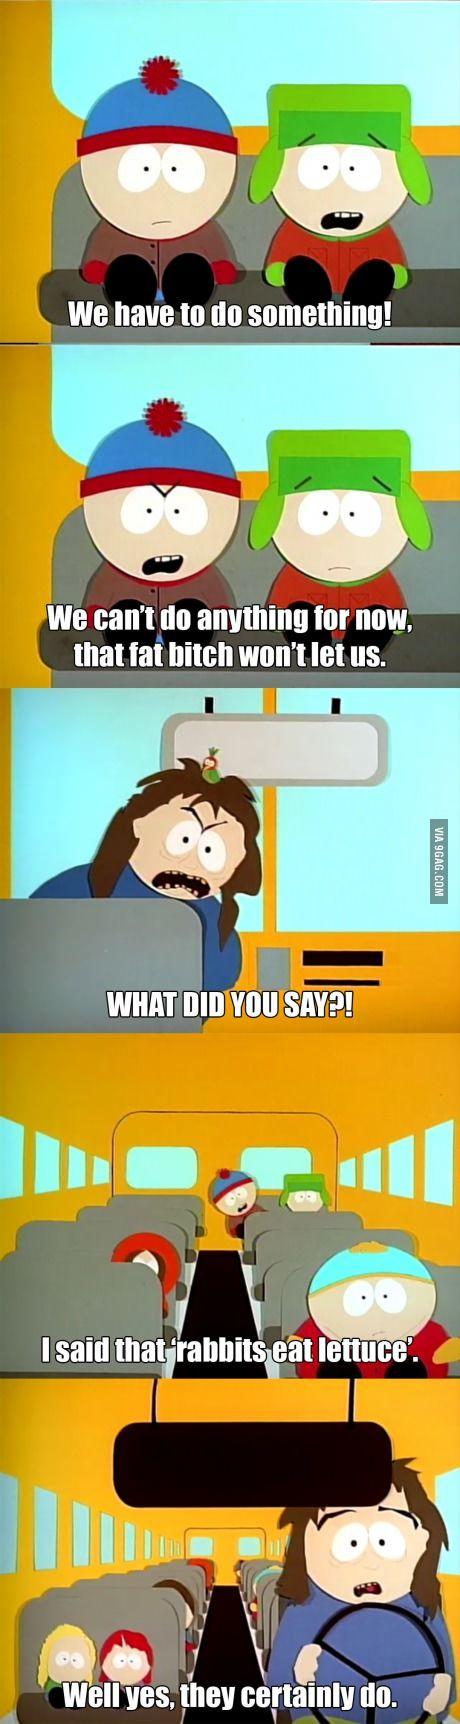 Classic South Park